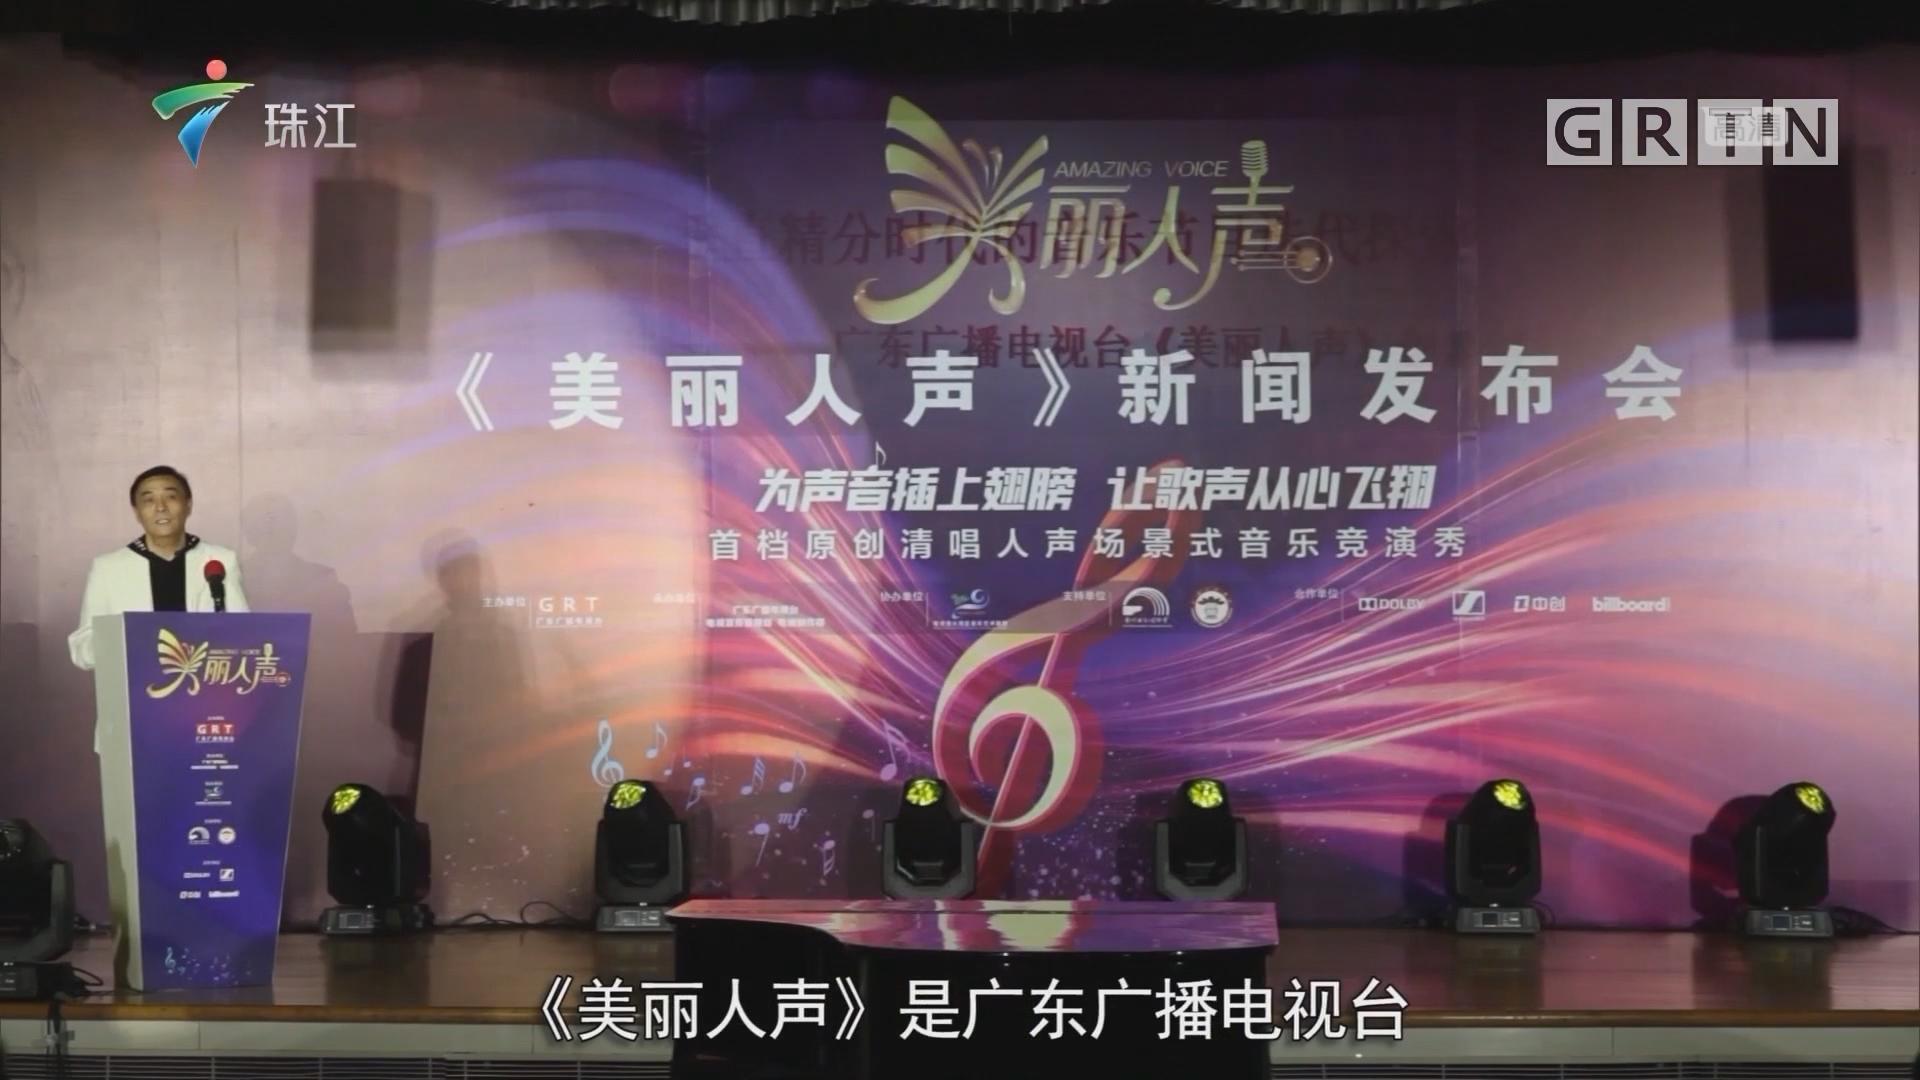 首档原创清唱人声场景式音乐竞演秀《美丽人声》即将开声